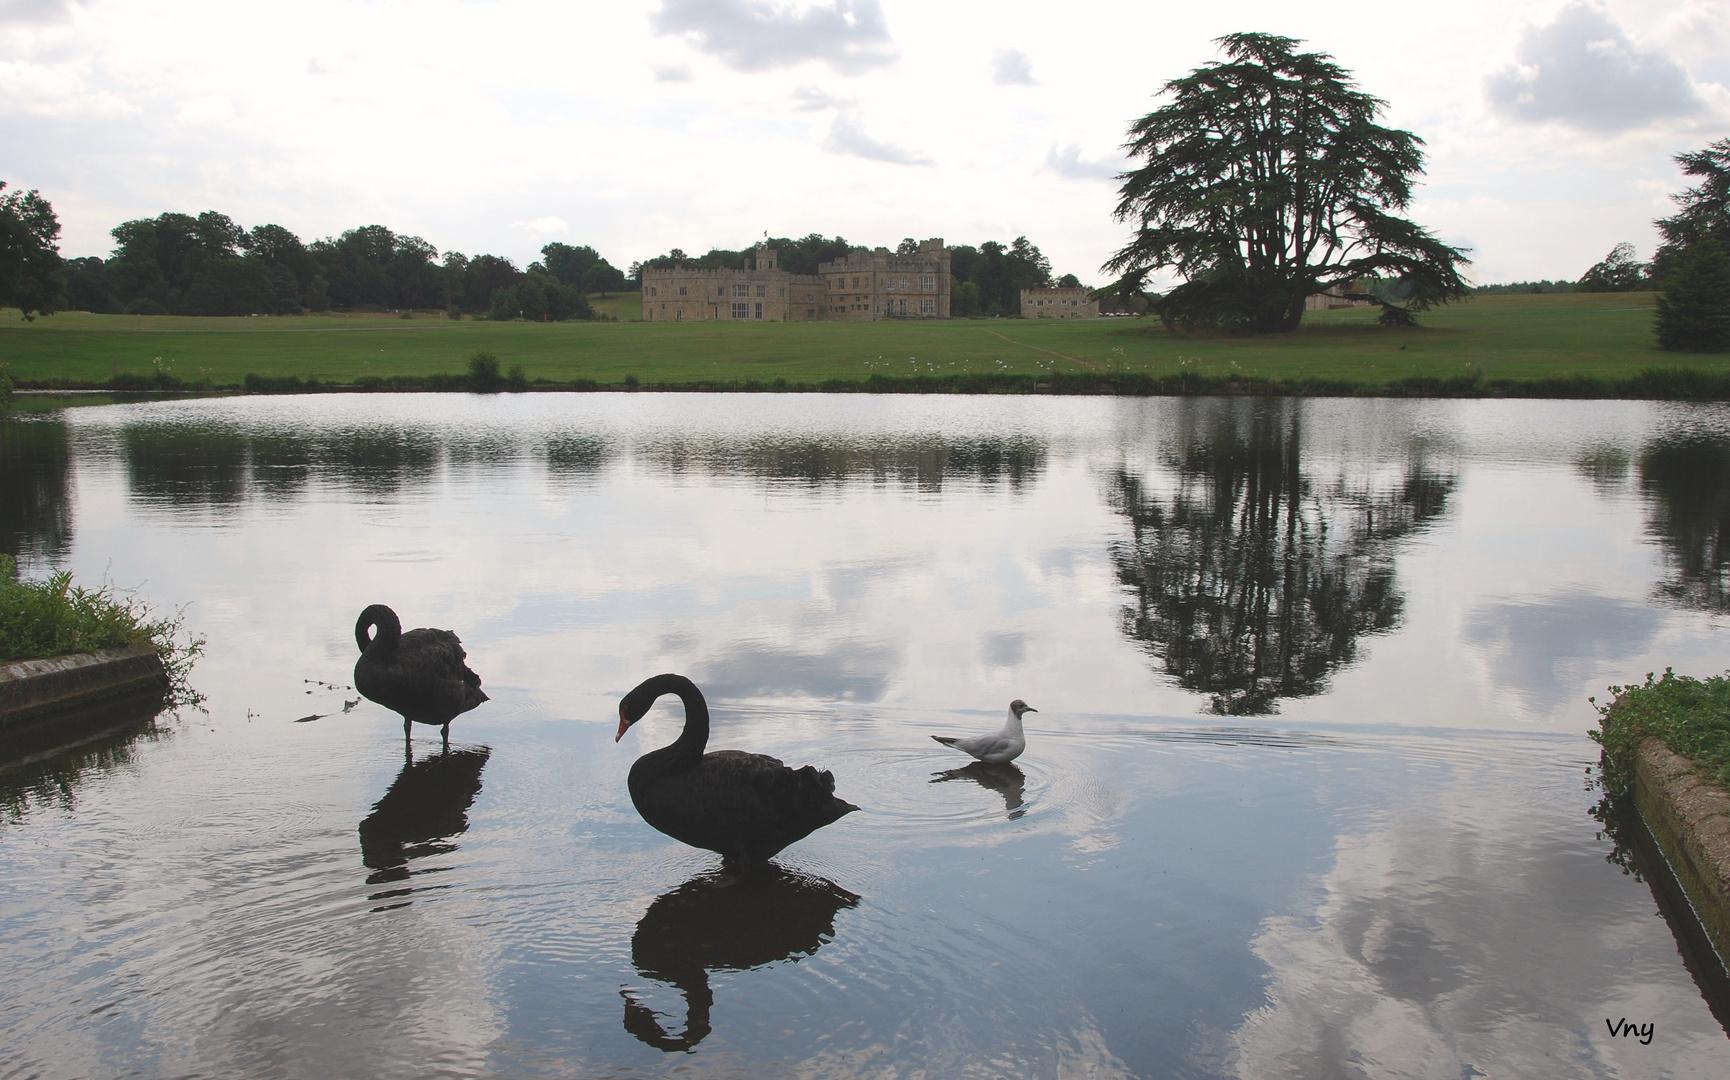 Les cygnes noirs du chateau de Leeds, Kent, UK